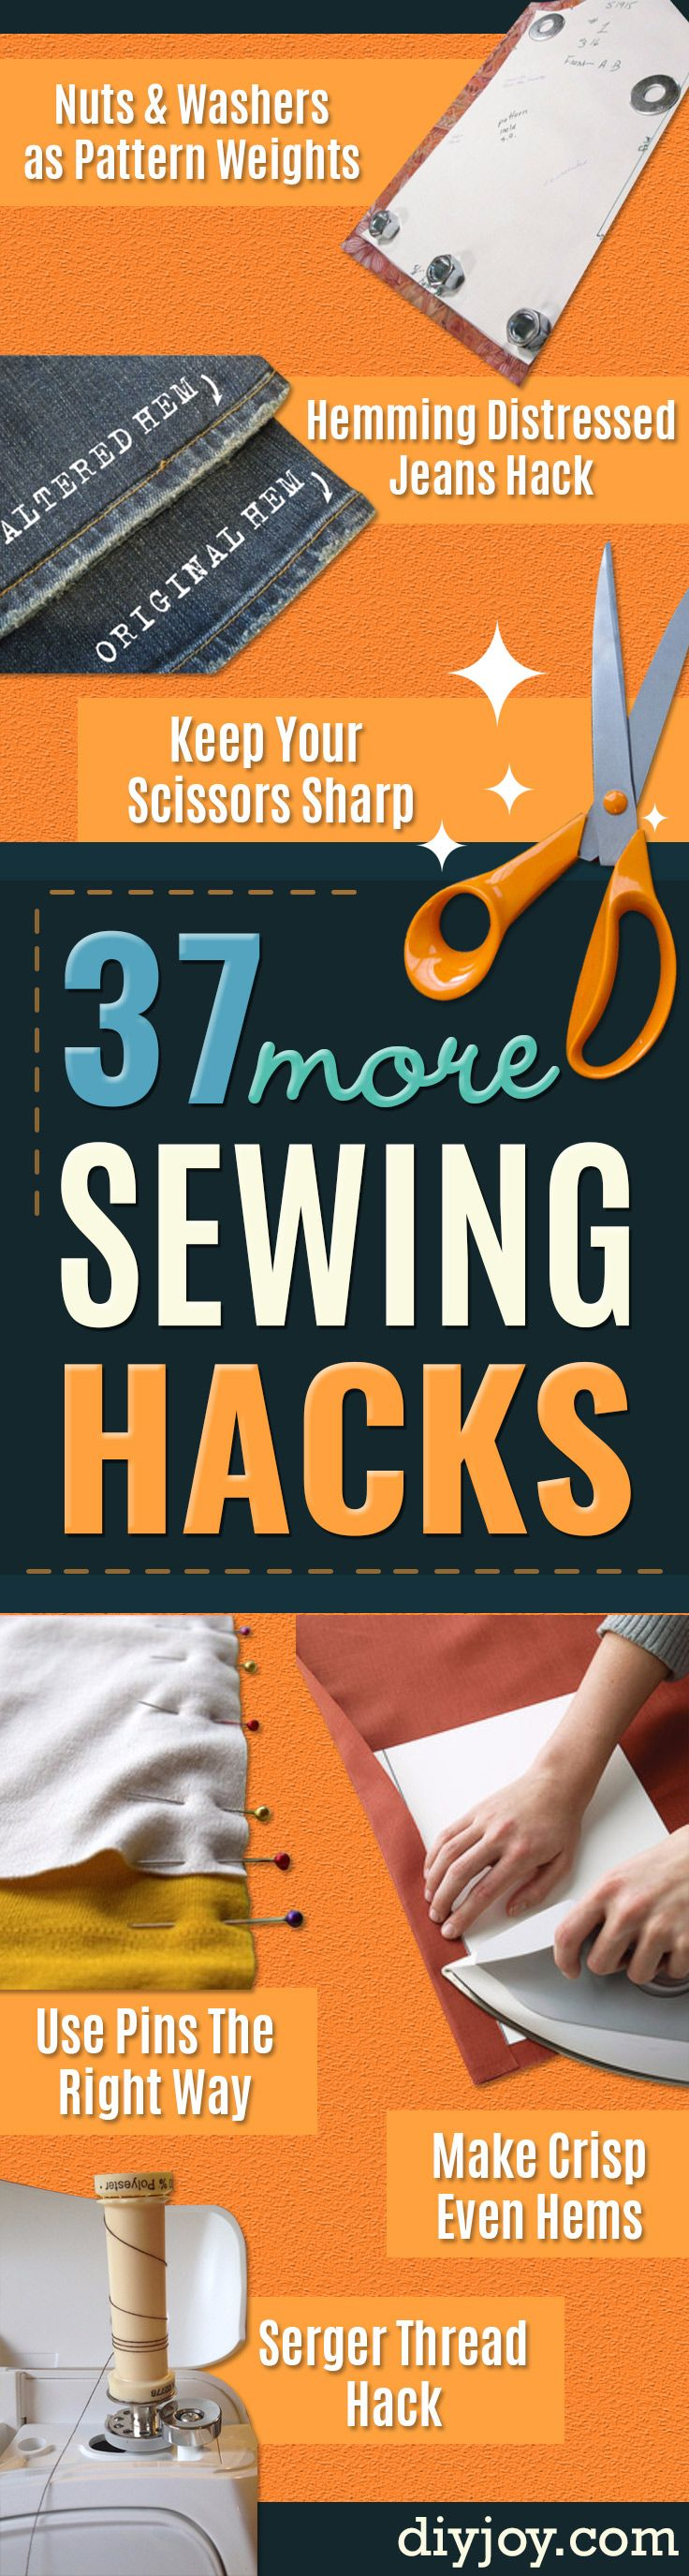 sewing hacks easy